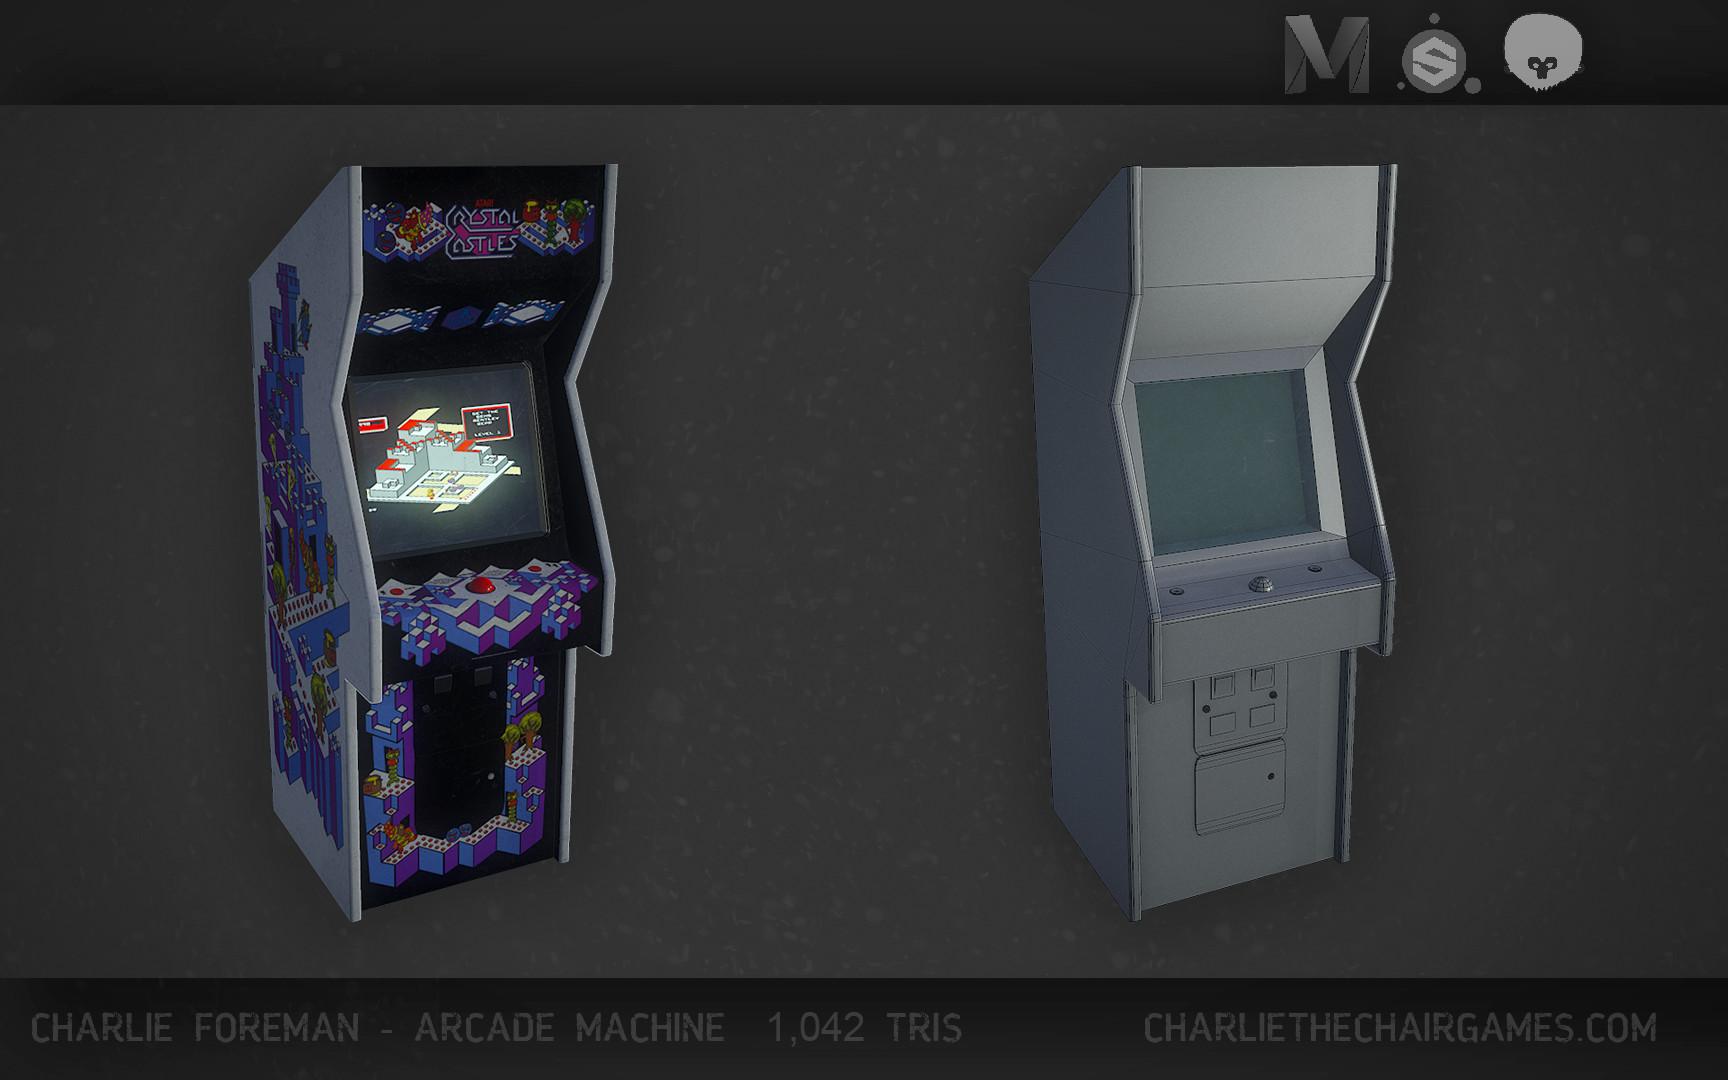 Charlie foreman arcade machine render